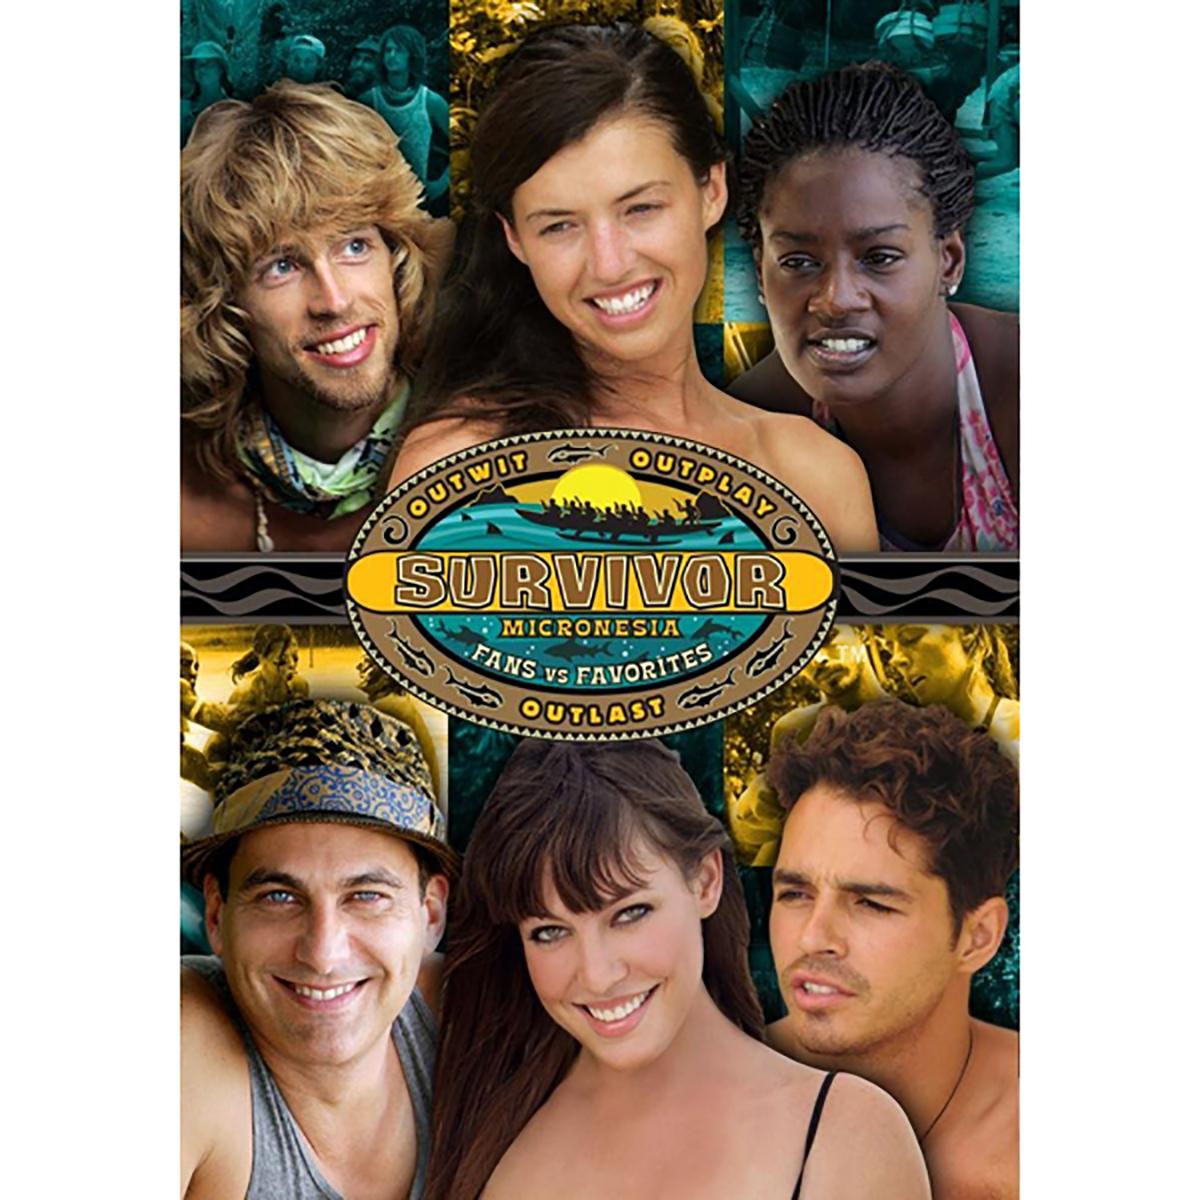 Survivor: Season 16 - Micronesia DVD